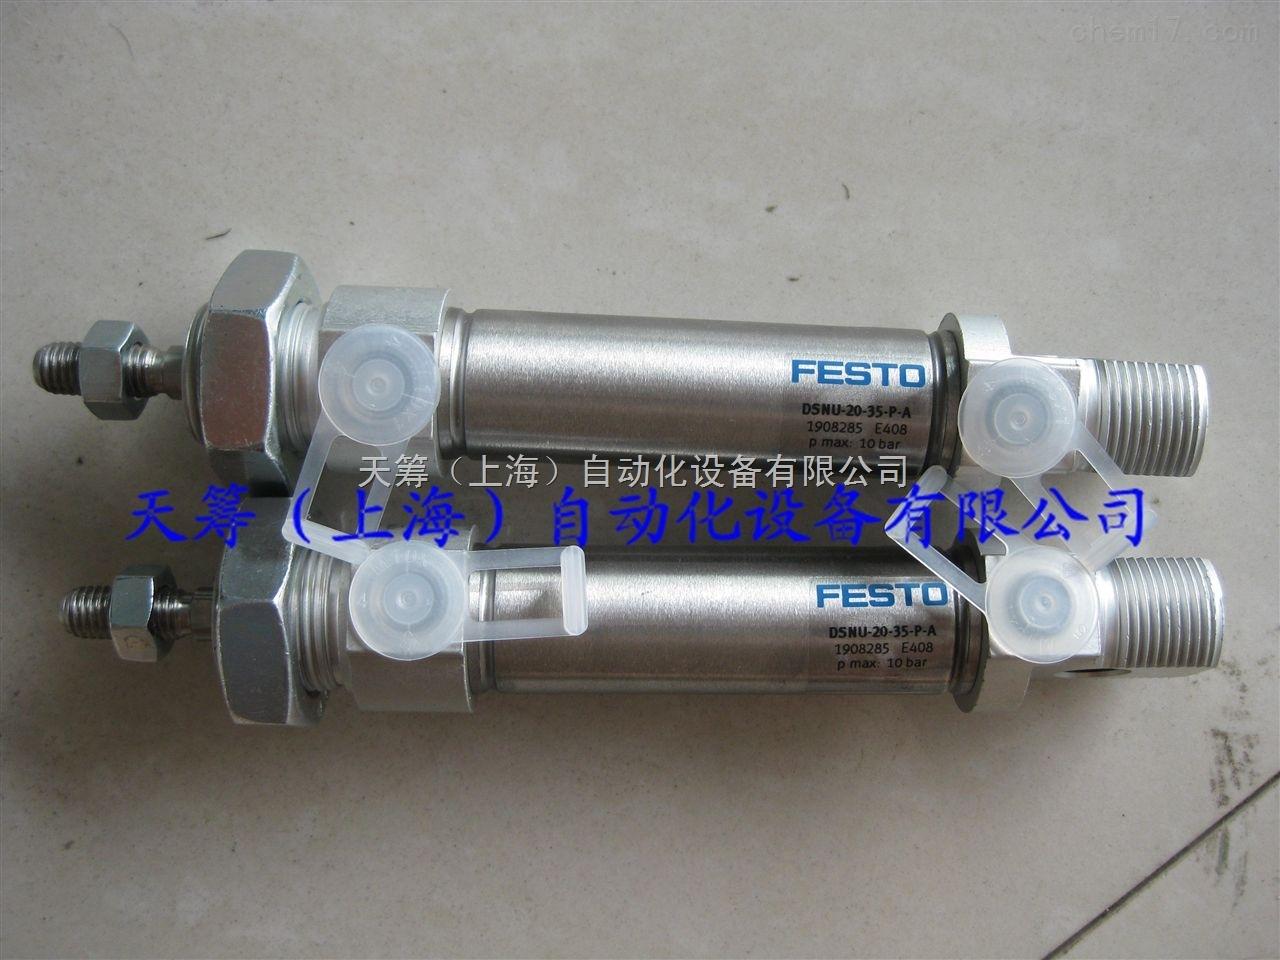 费斯托FESTO标准气缸DSNU-20-35-P-A